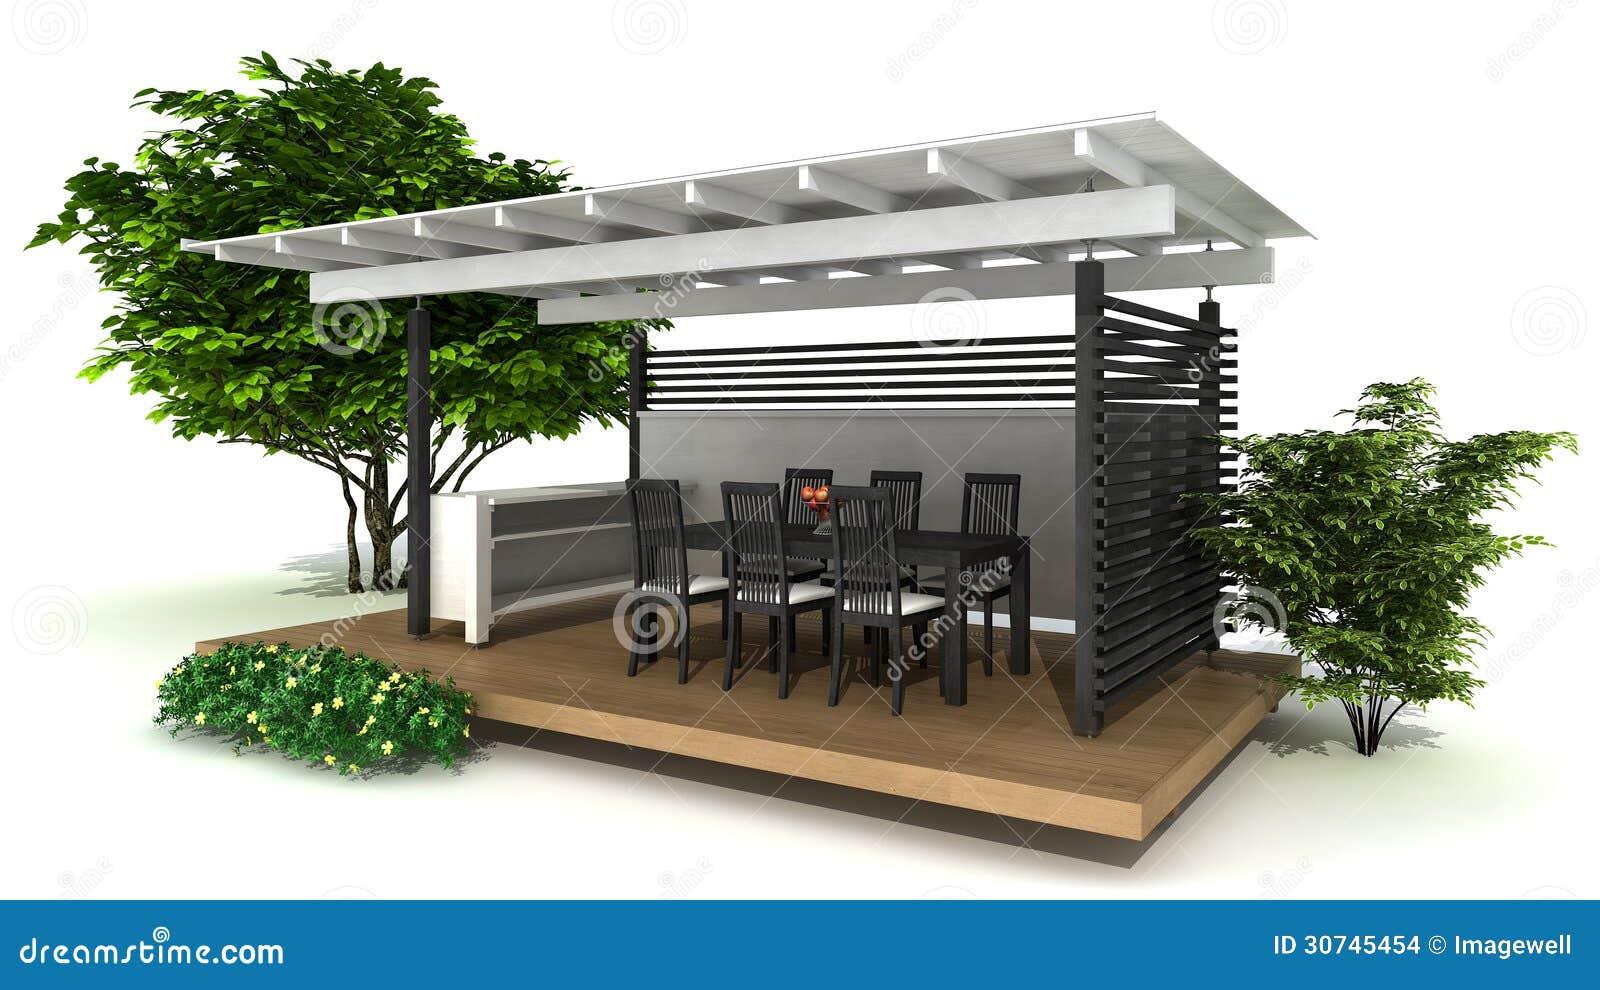 Cocina al aire libre imagenes de archivo imagen 30745454 for Modelos de cocinas al aire libre